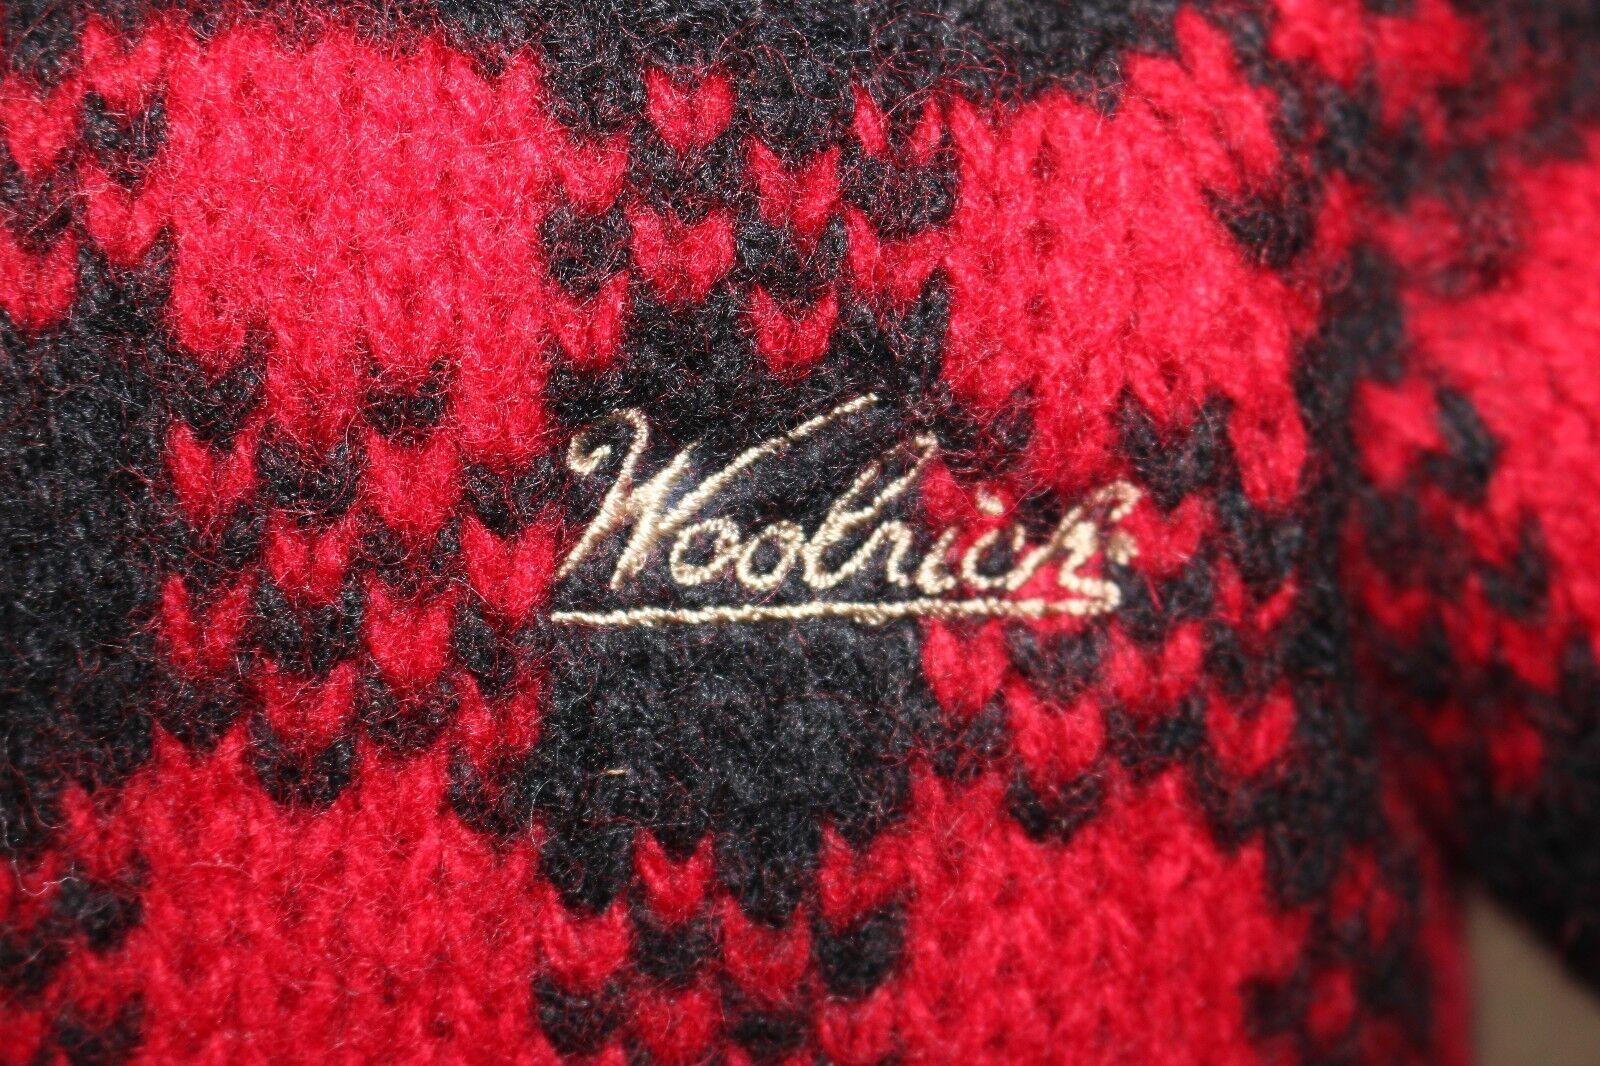 Vintage Woolrich Woolrich Woolrich Teddy Bear by Chrisha Playful Plush 1988 Stuffed Animal 57abb5